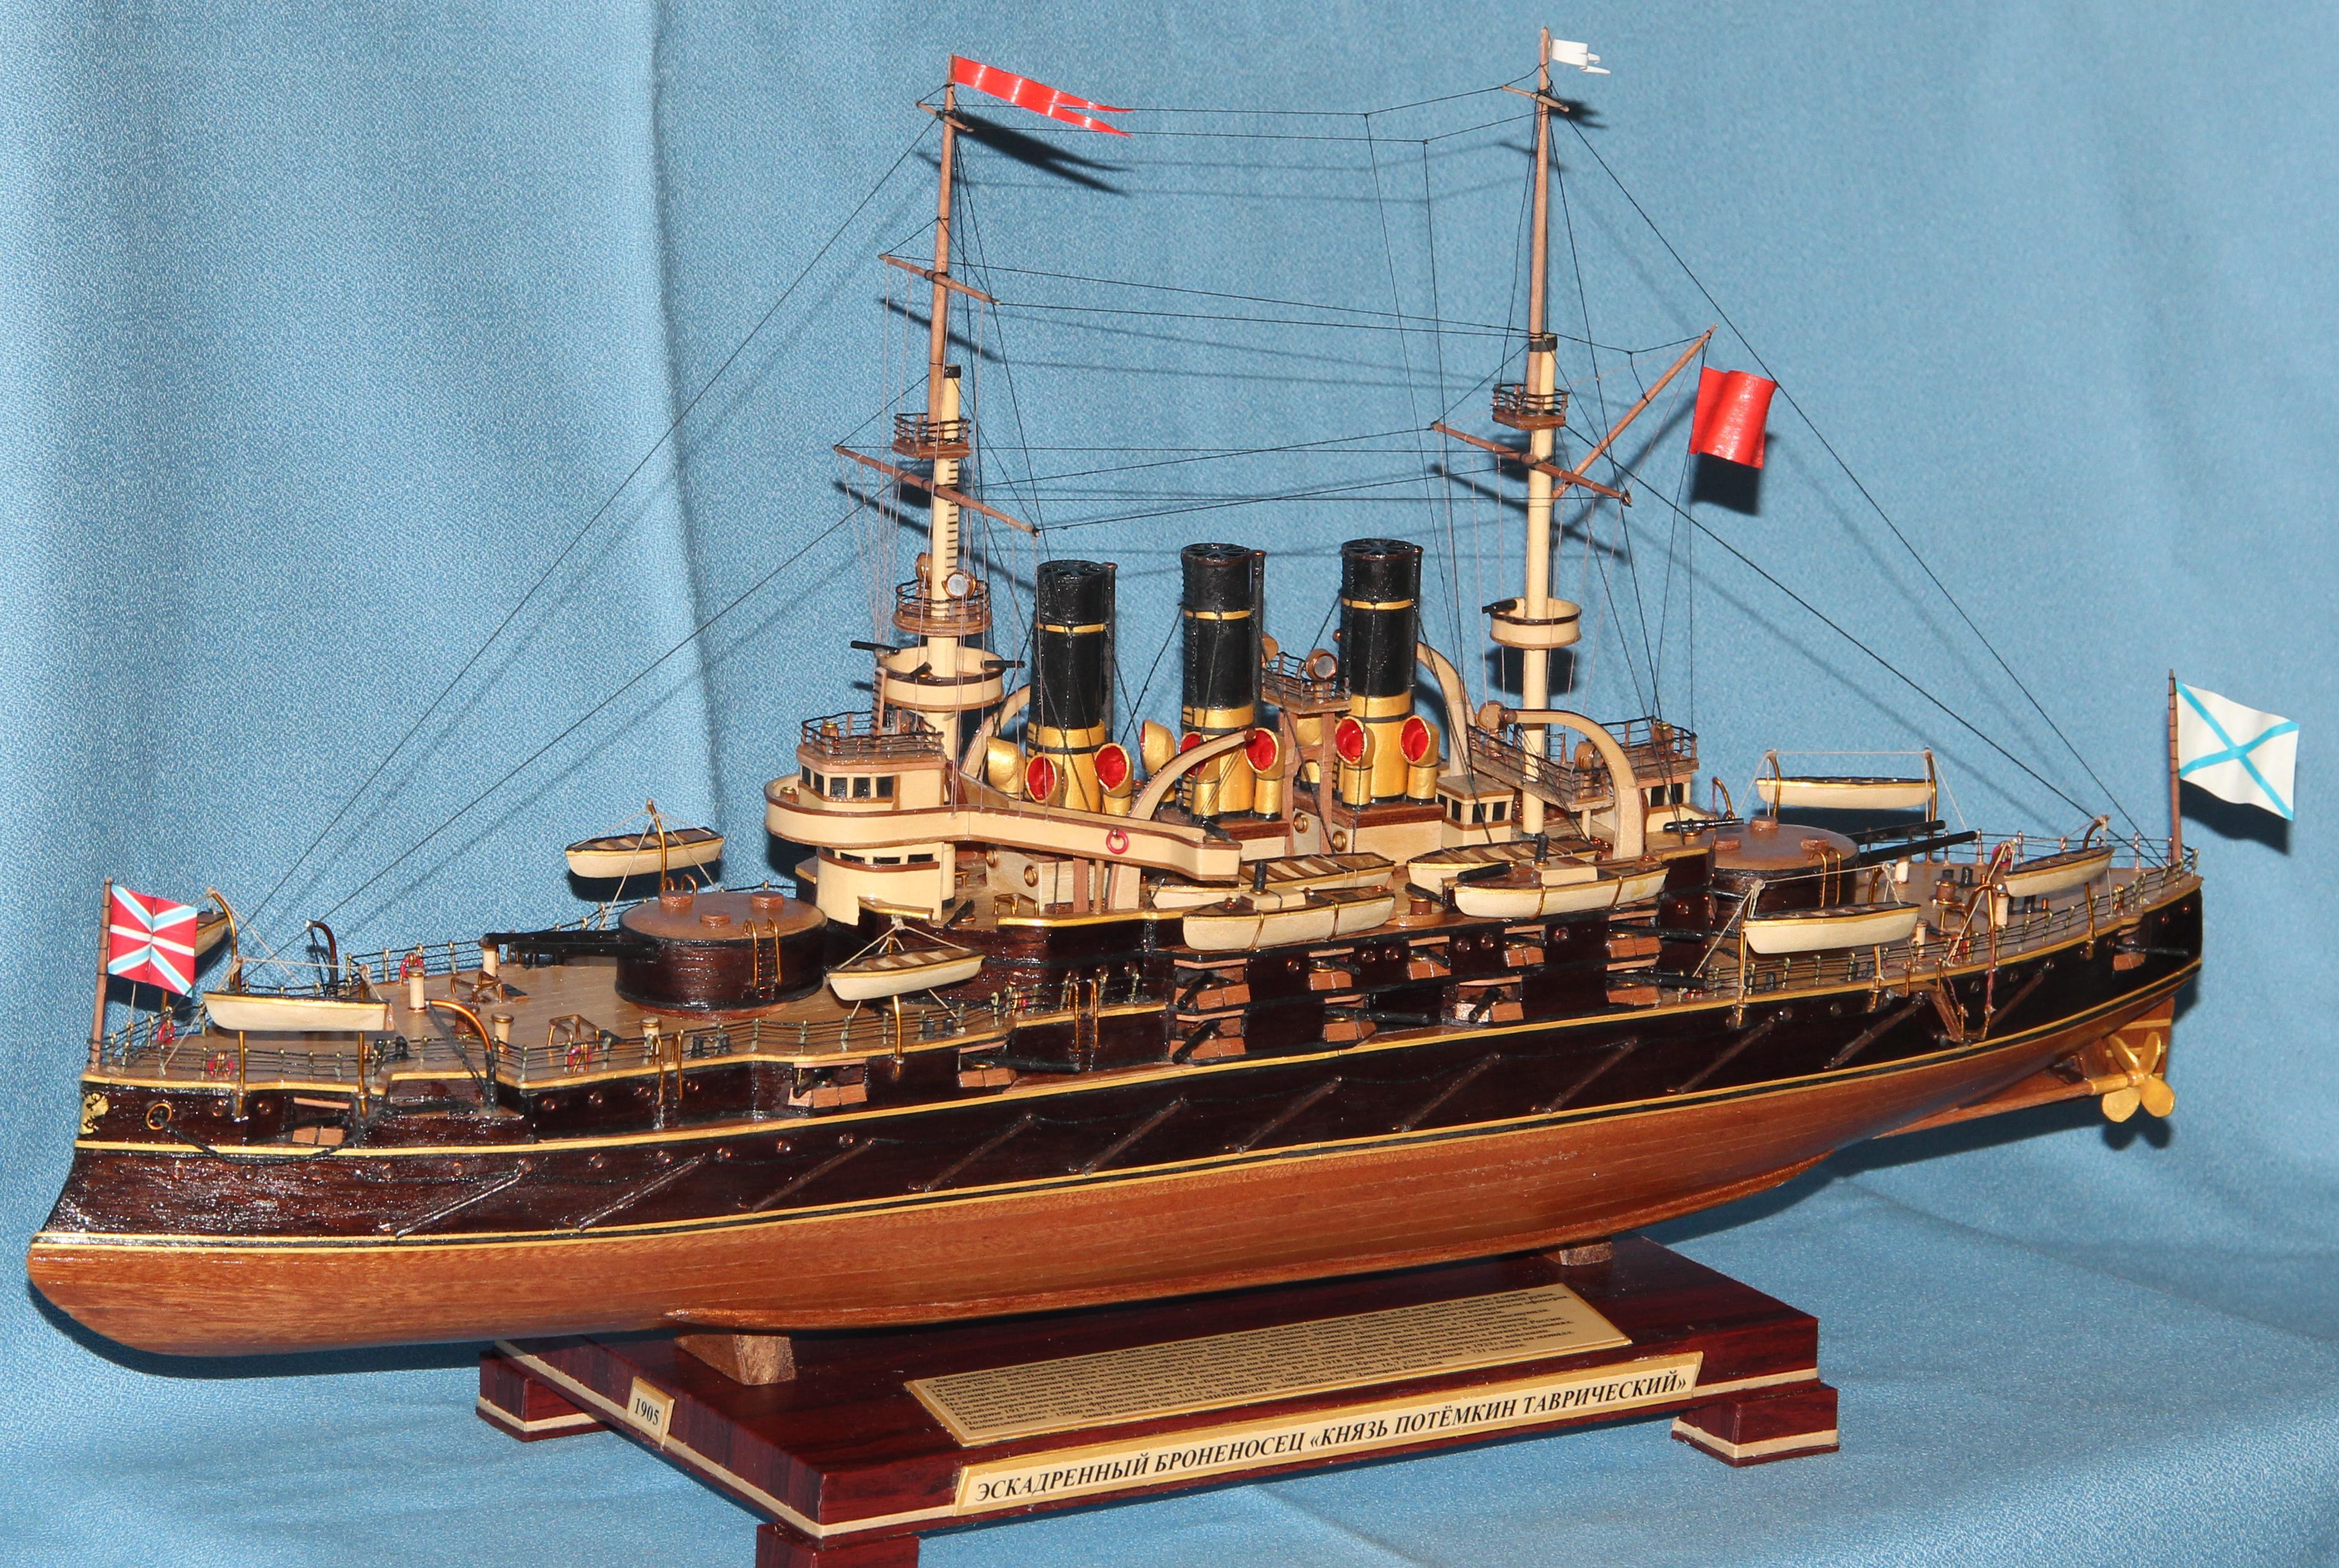 Модели кораблей купить. ЭБР Потёмкин. Фото. Морские подарки ...